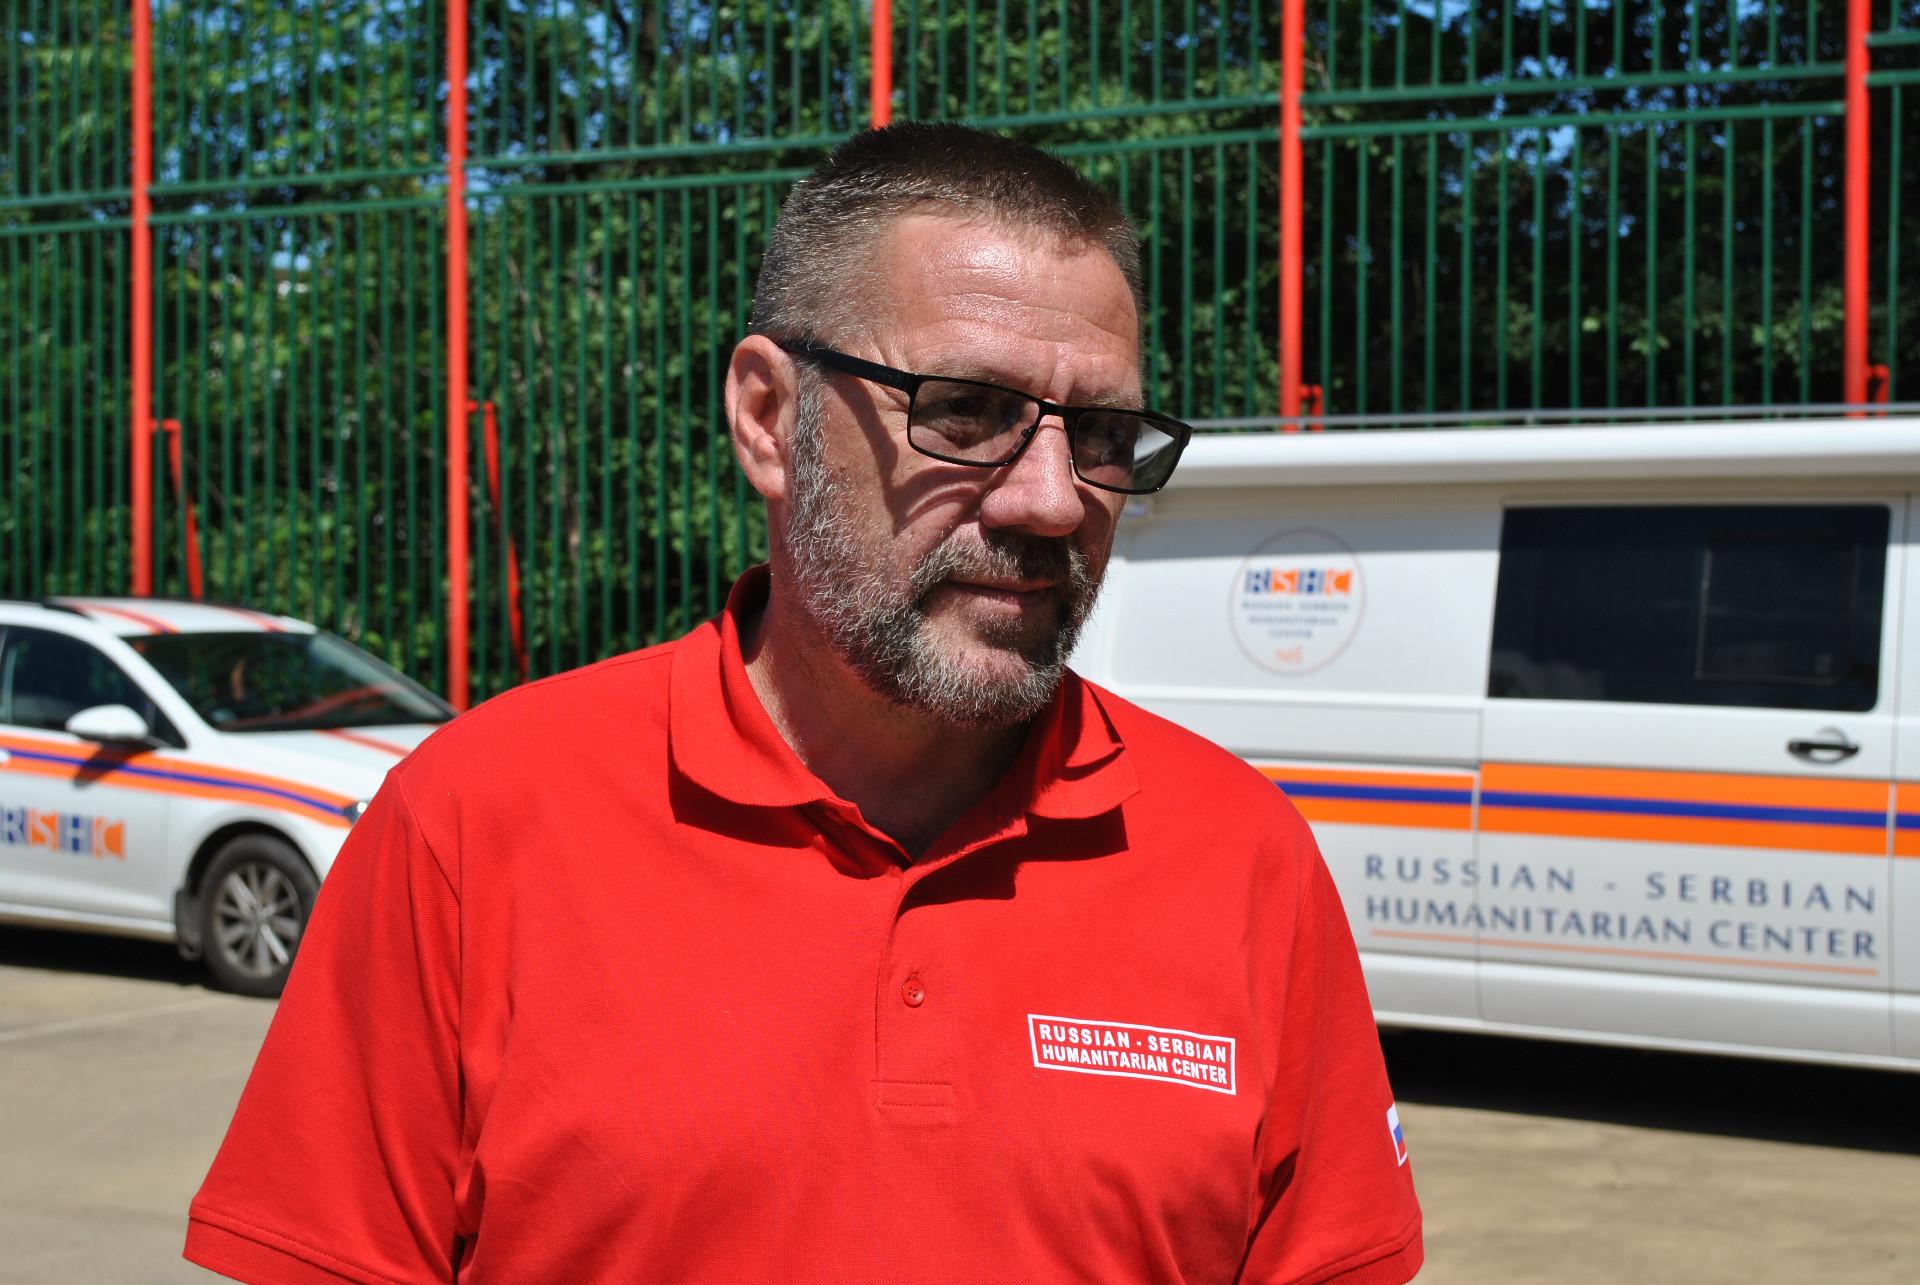 Олег Ганијев, заменик директора Српско-руског хуманитарног центра